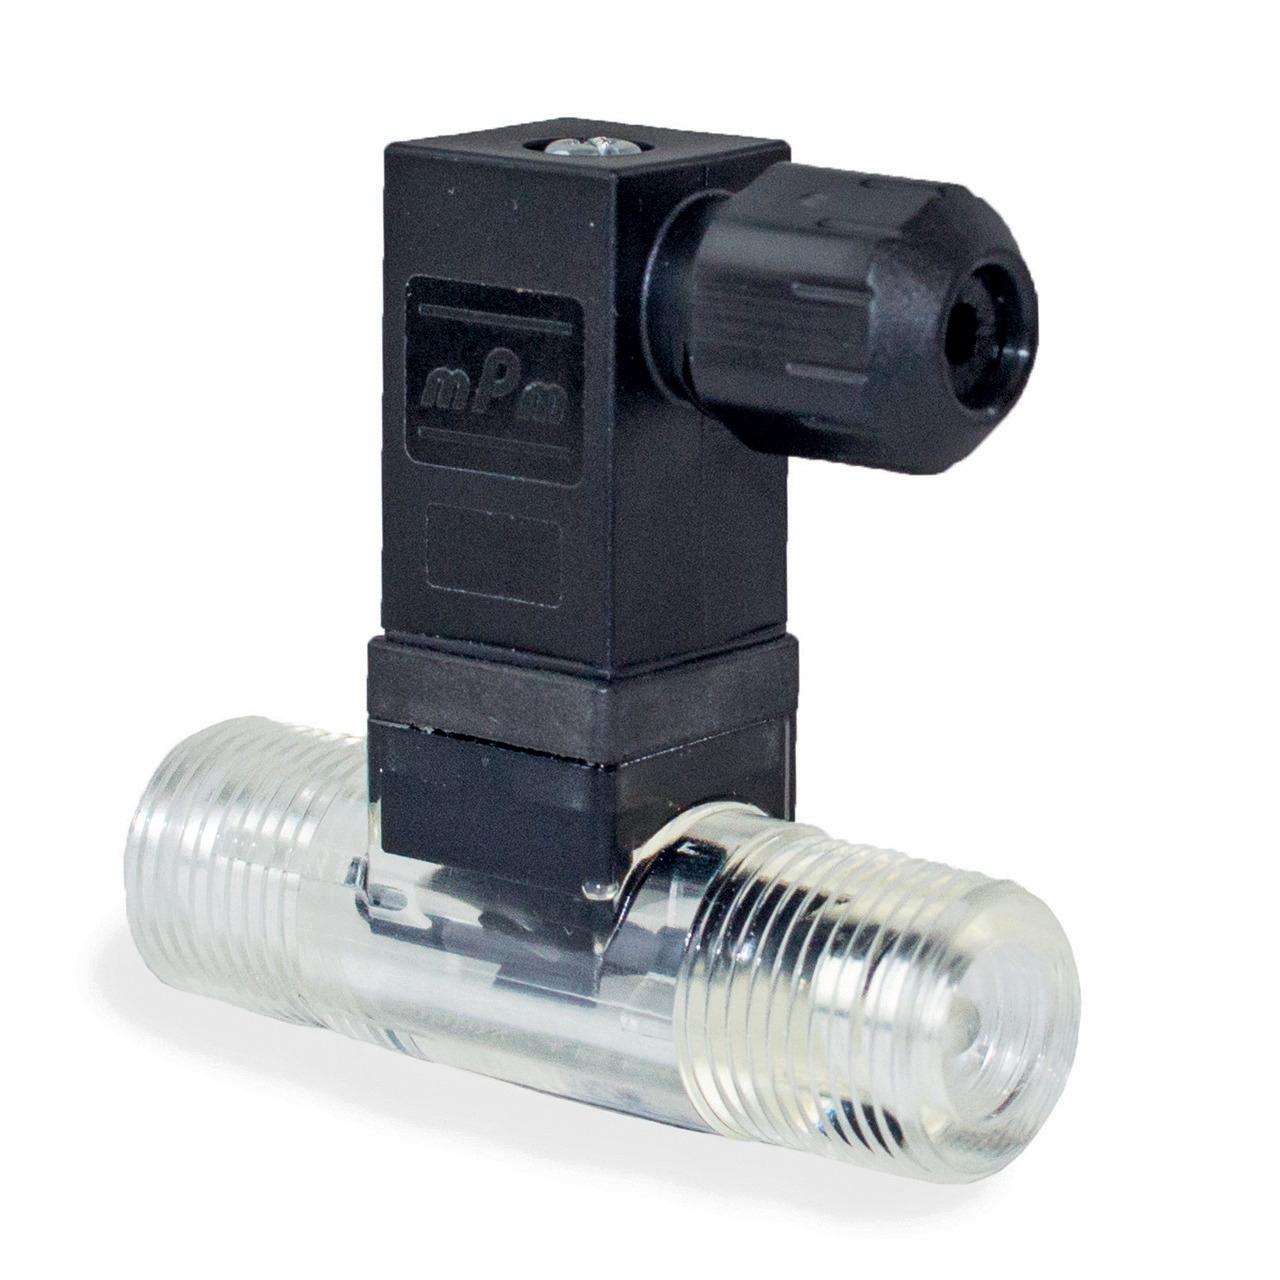 Badger Meter Europa Durchflussmesser (Turbinenzähler) Vision 2006 4F44 für 1 bis 10 l-min- mit DIN Stecker- mit Spule- G3-8